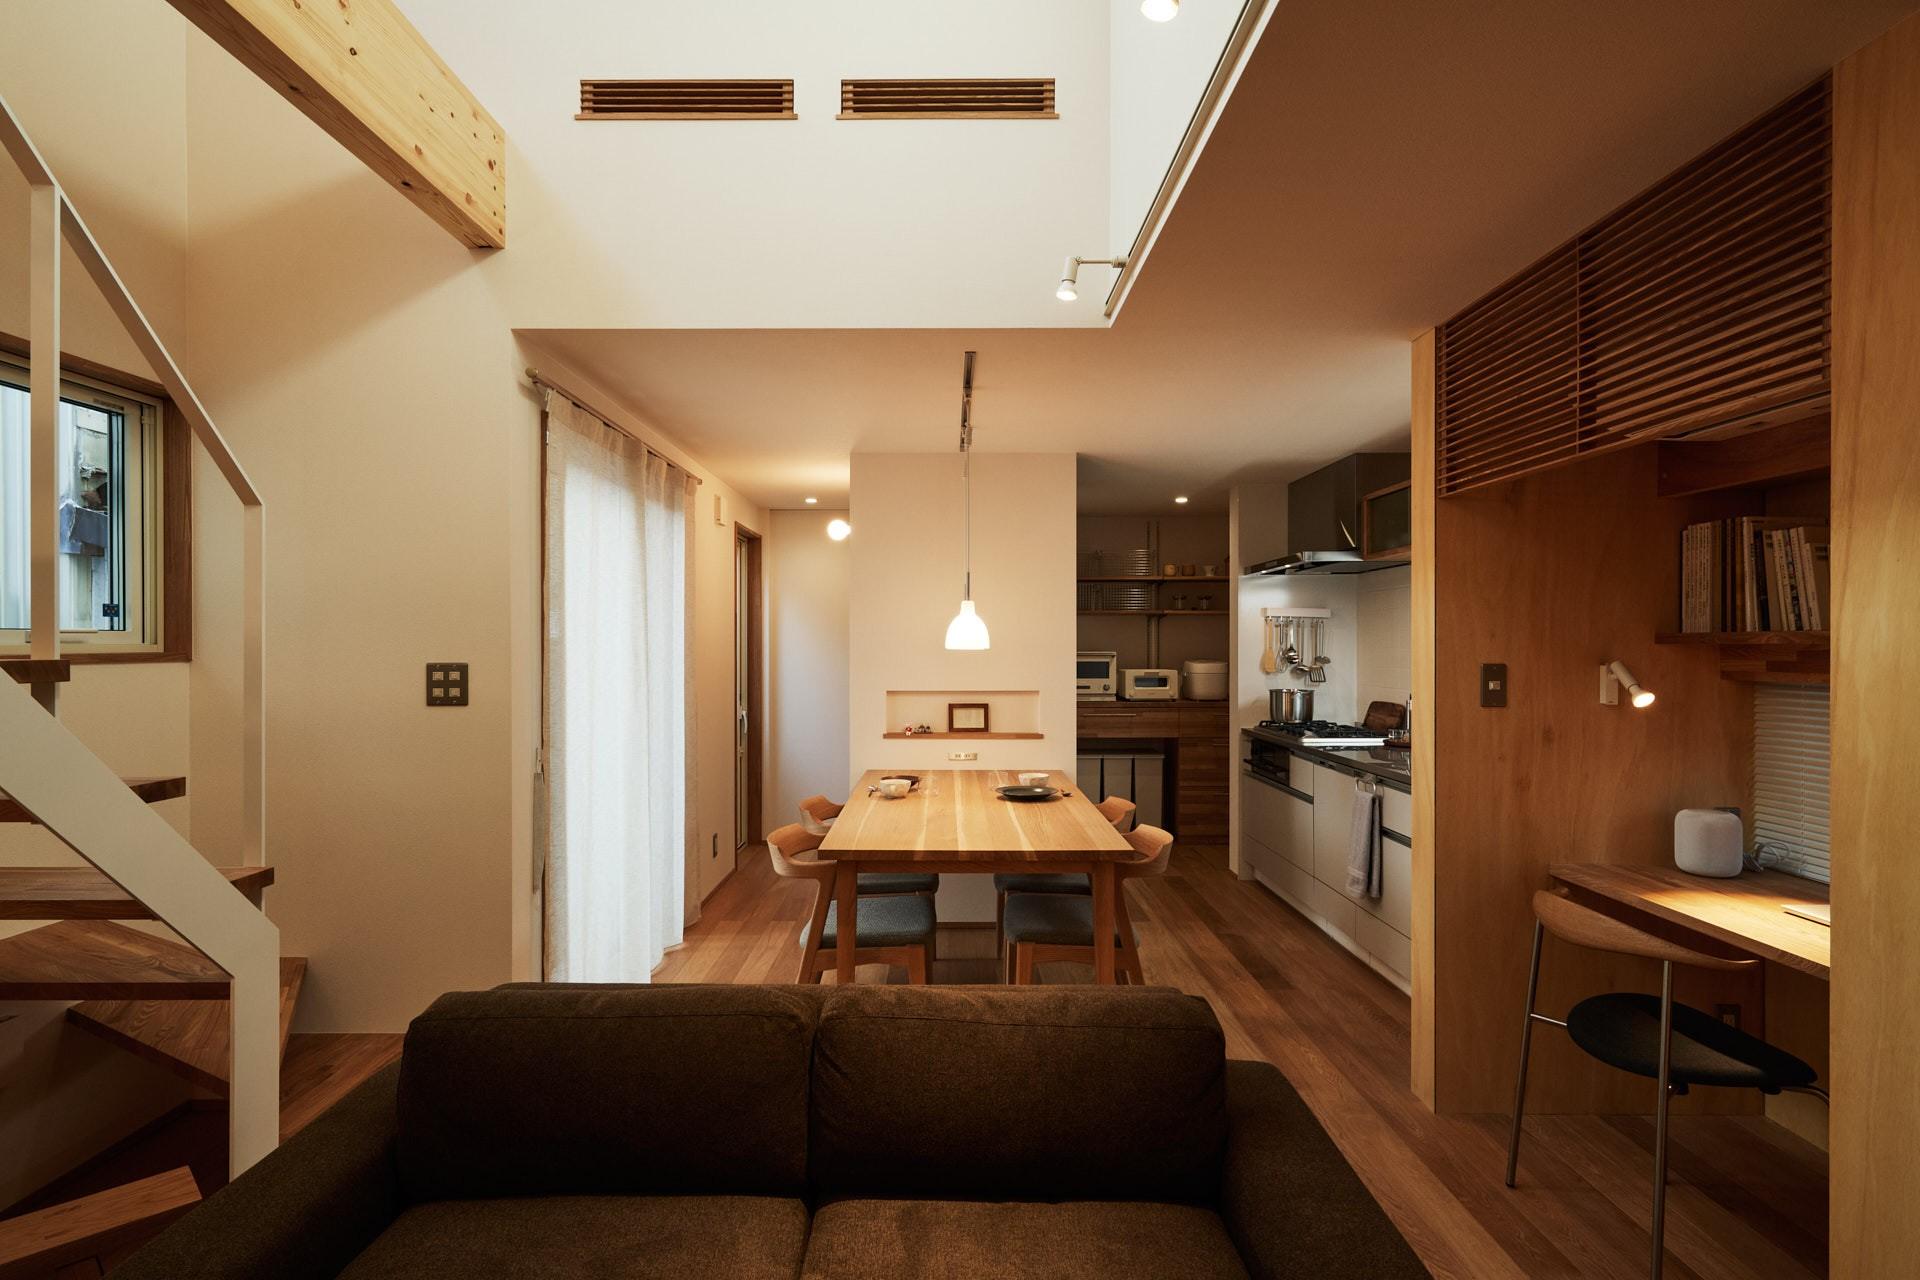 DETAIL HOME(ディテールホーム)「素材を楽しむ小さな家」のシンプル・ナチュラルなリビング・ダイニングの実例写真